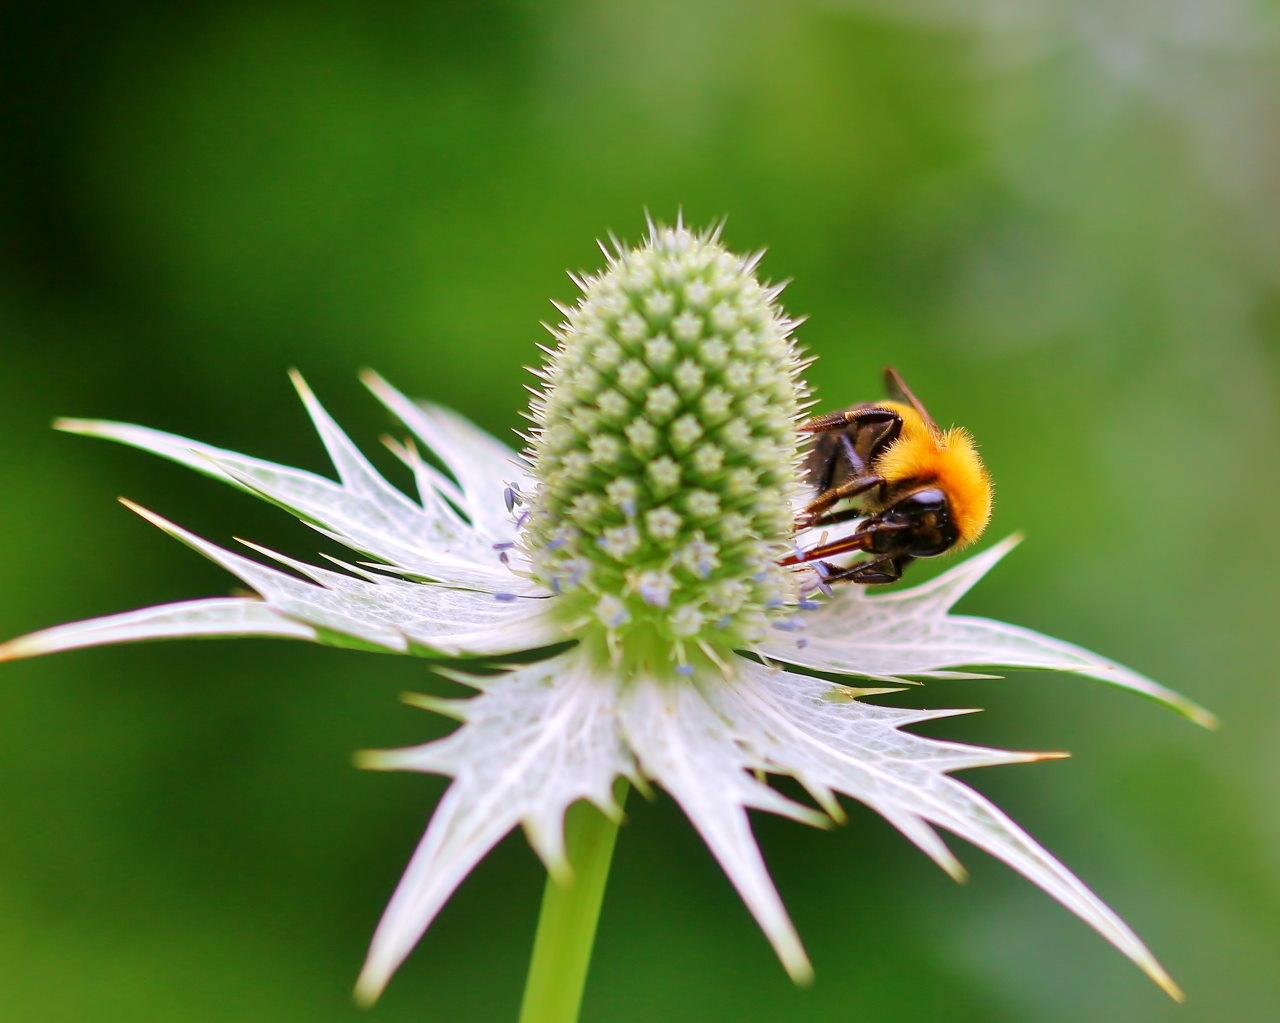 梅雨さ中 またまたレイクガーデンで花や虫_c0305565_17595373.jpg